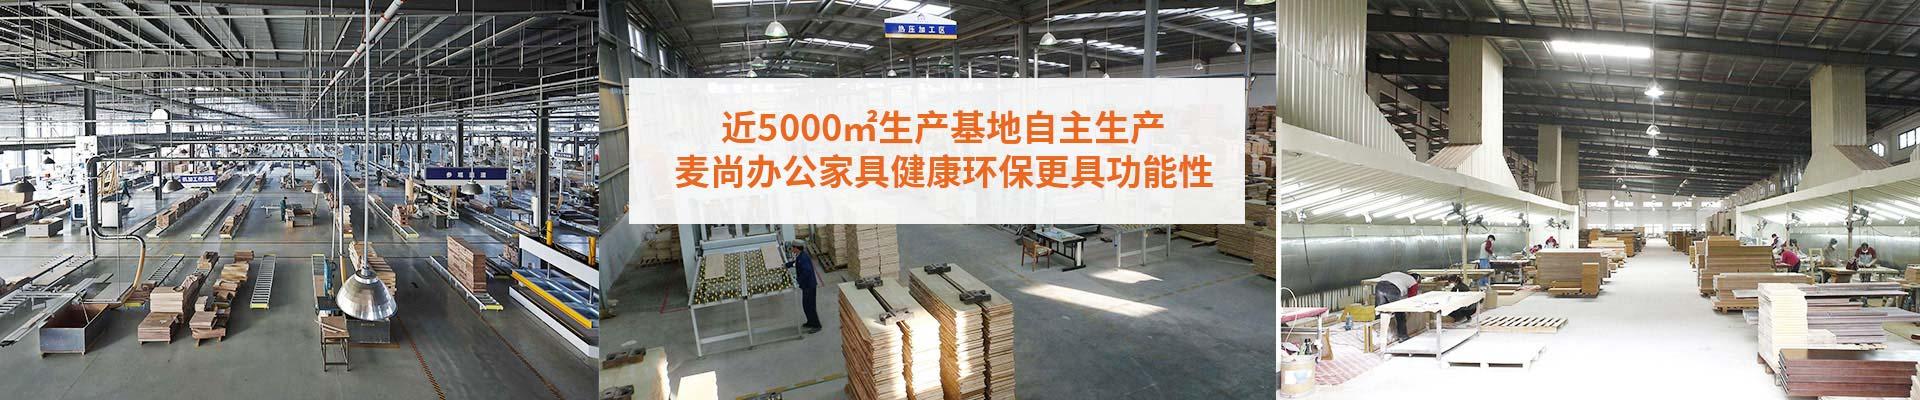 新闻资讯-麦尚近5000㎡生产基地自主生产